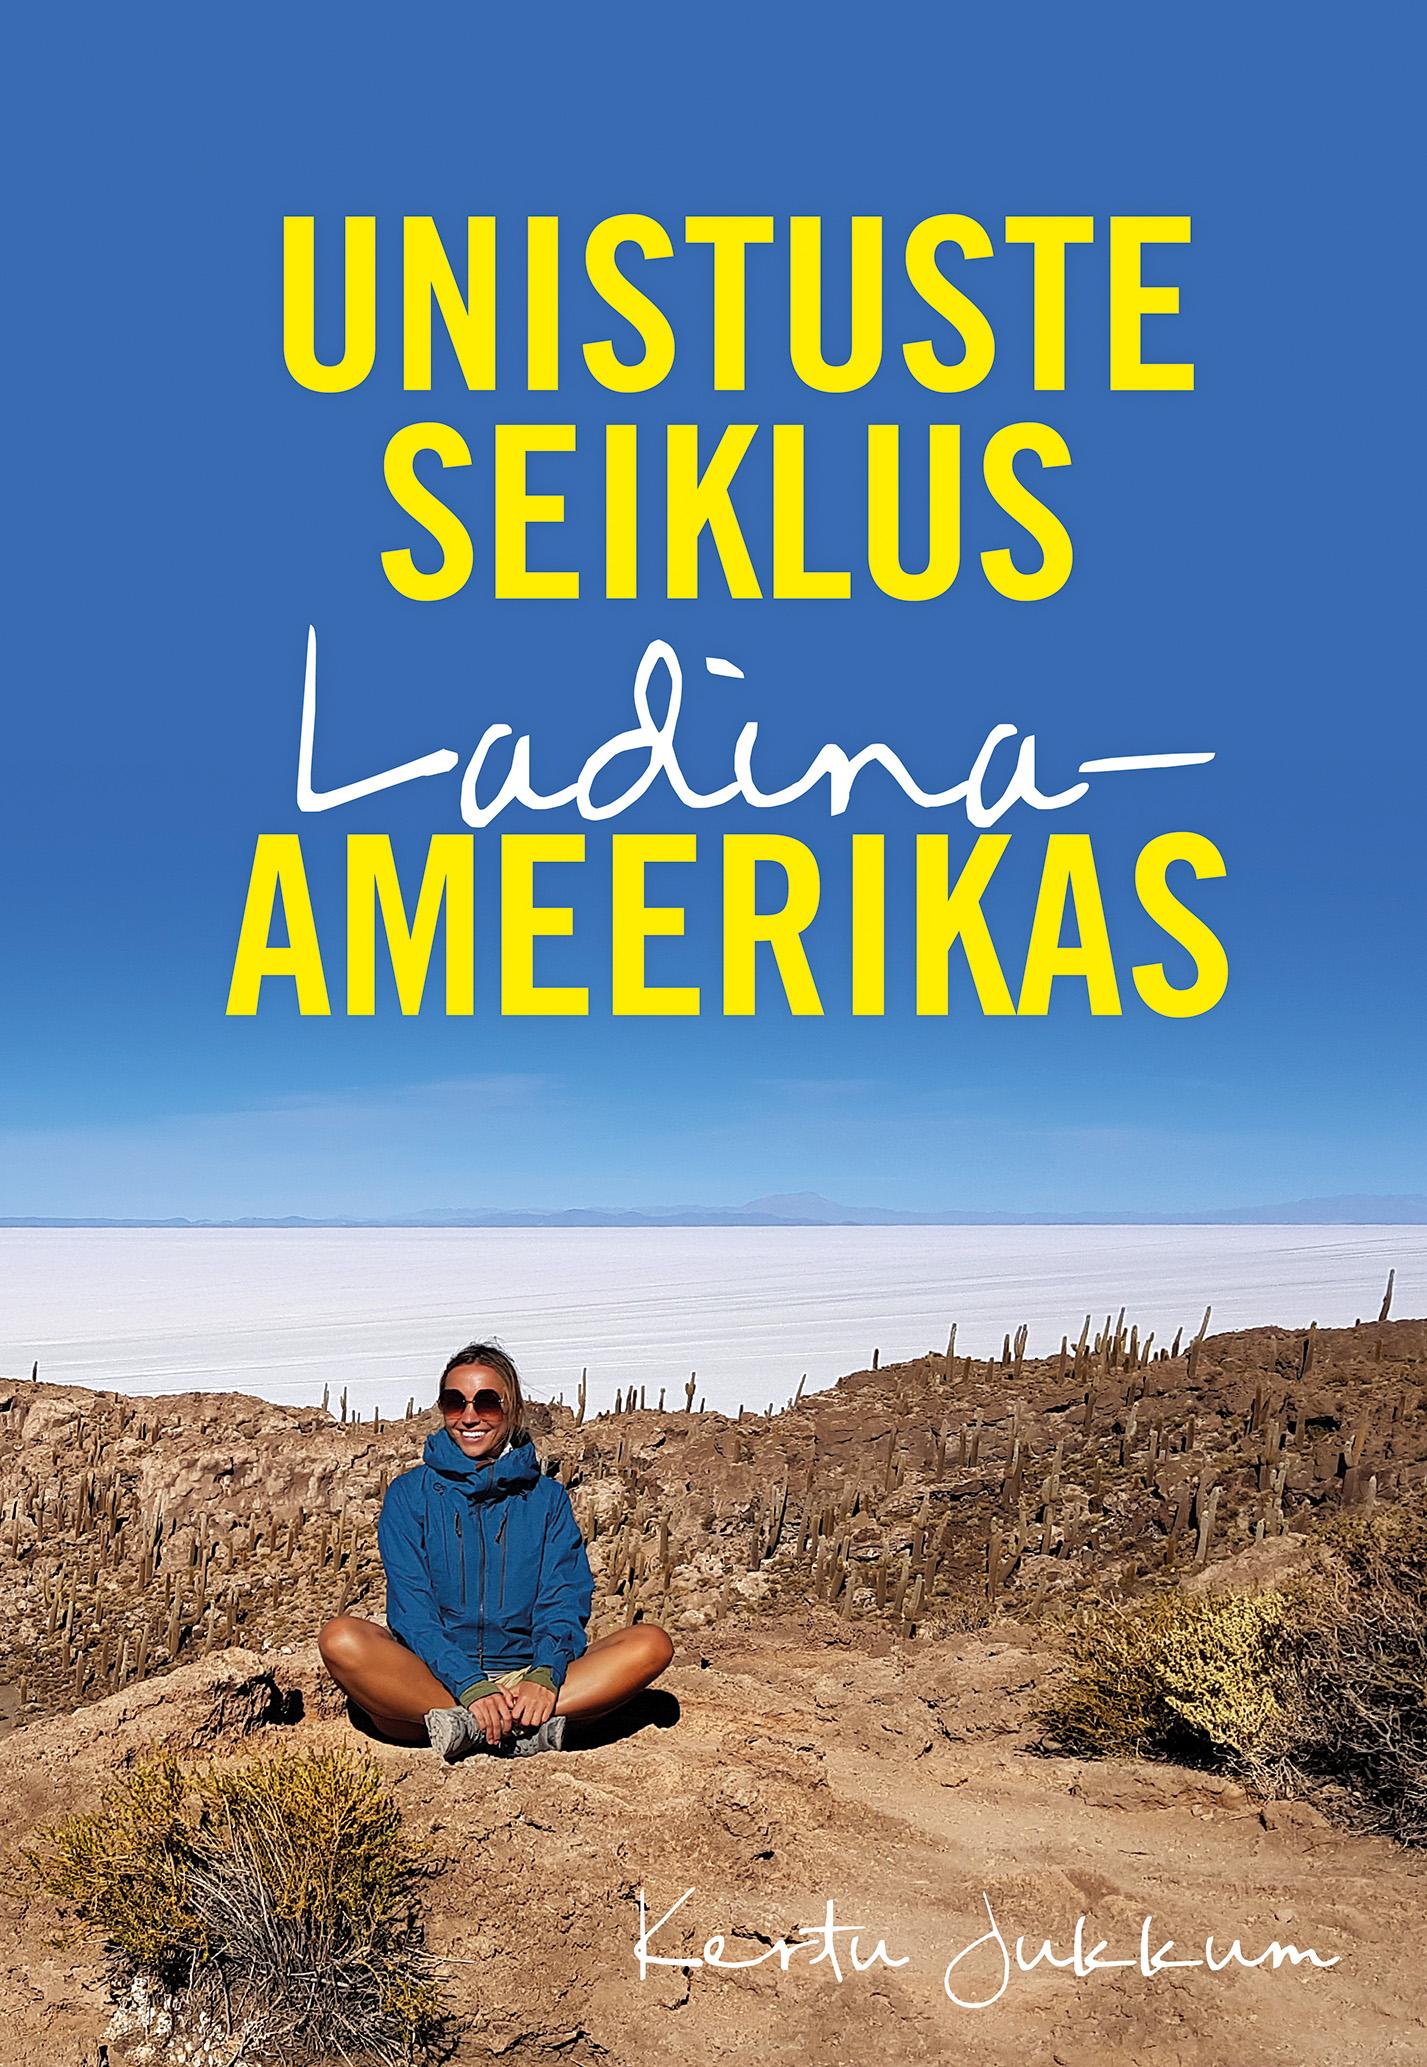 Unistuste seiklus ladina-ameerikas